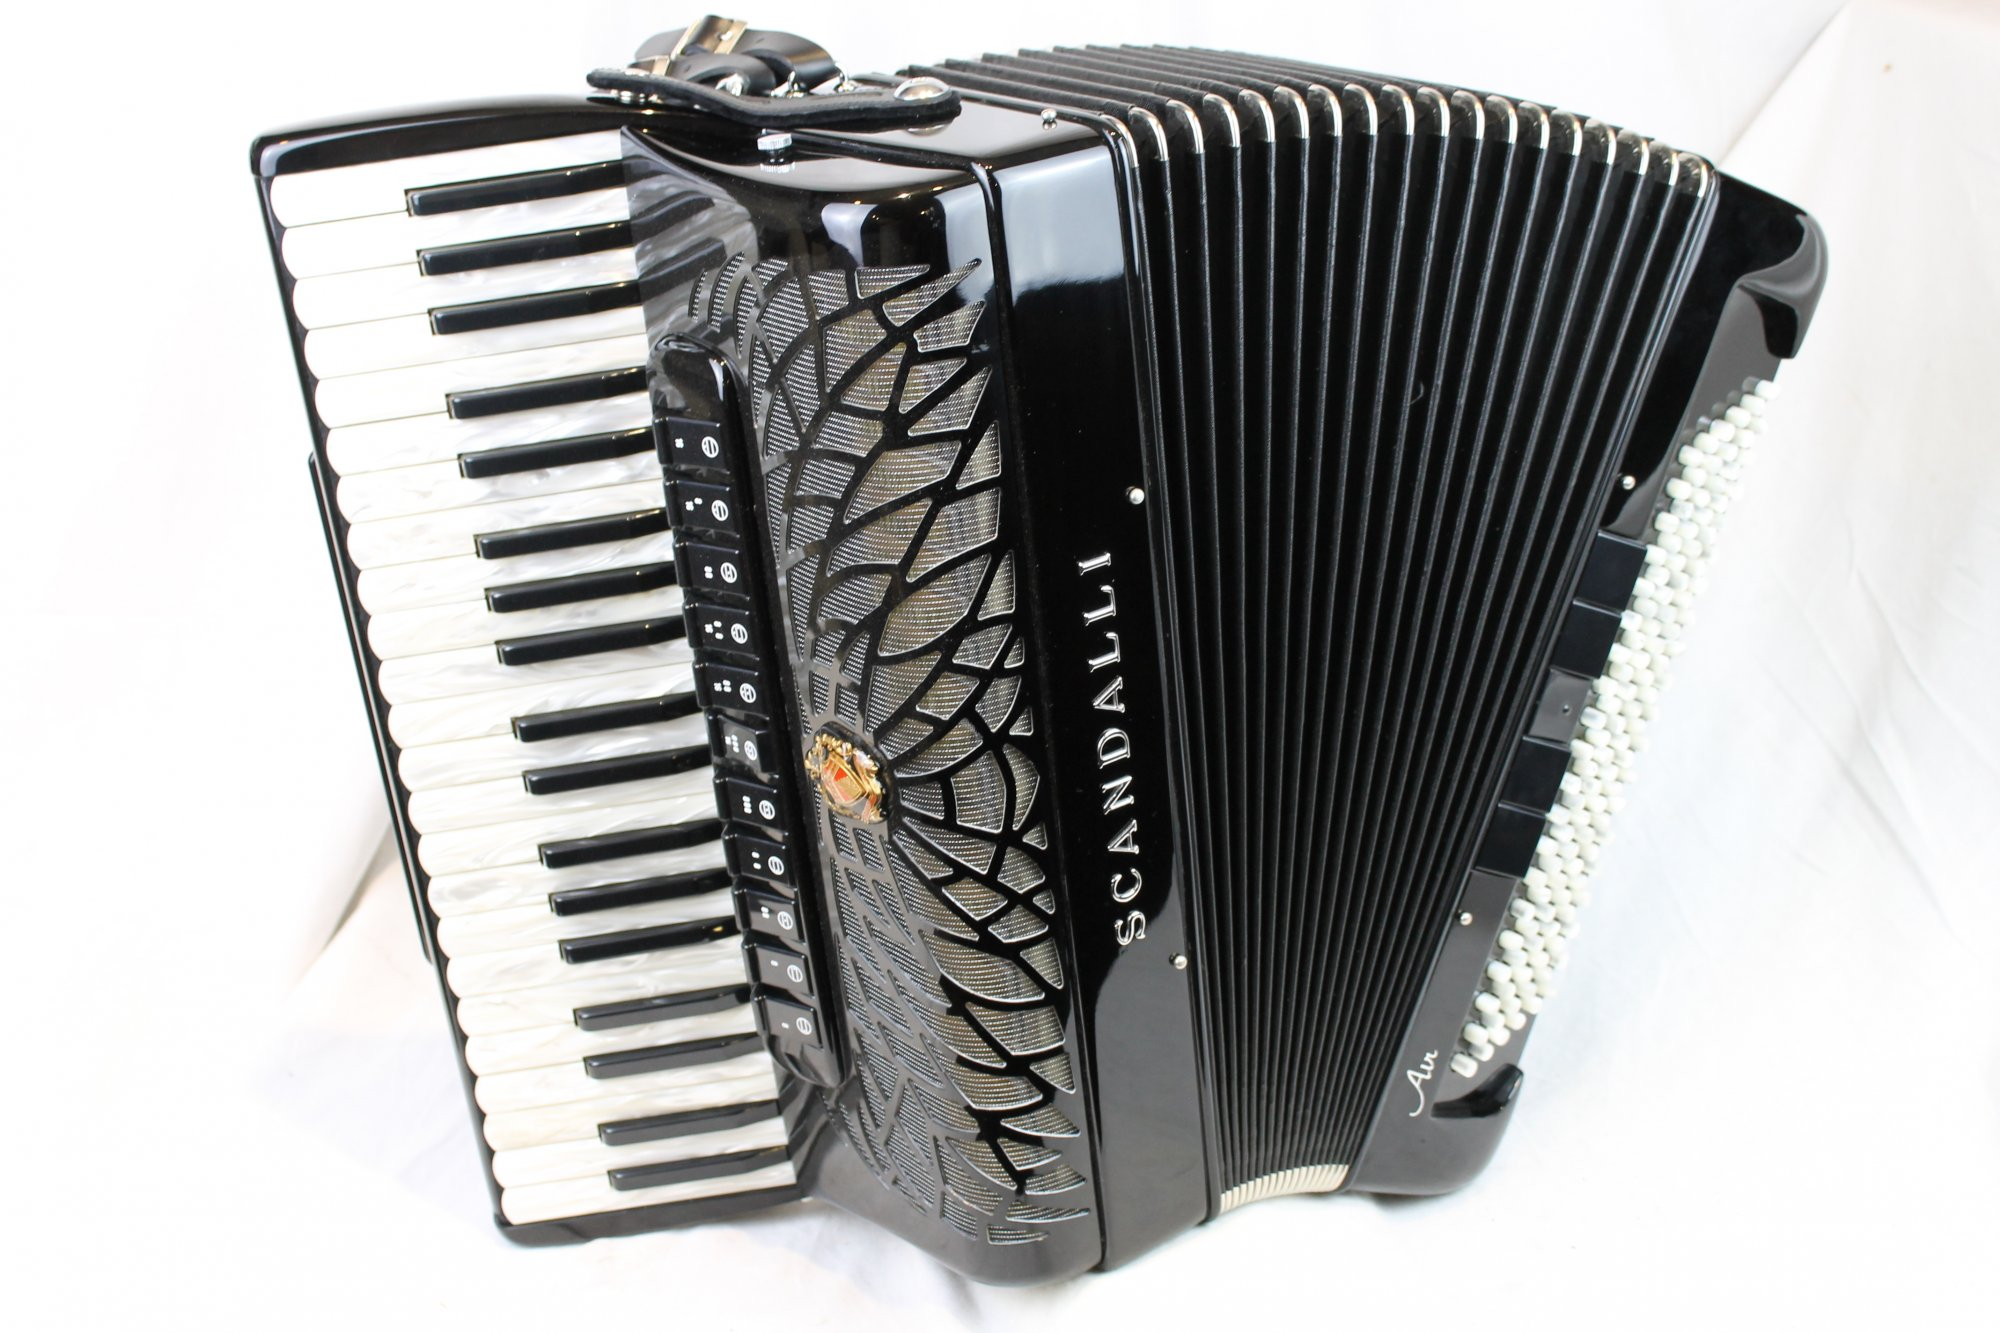 NEW Black Scandalli Air I S Piano Accordion LMMM 41 120